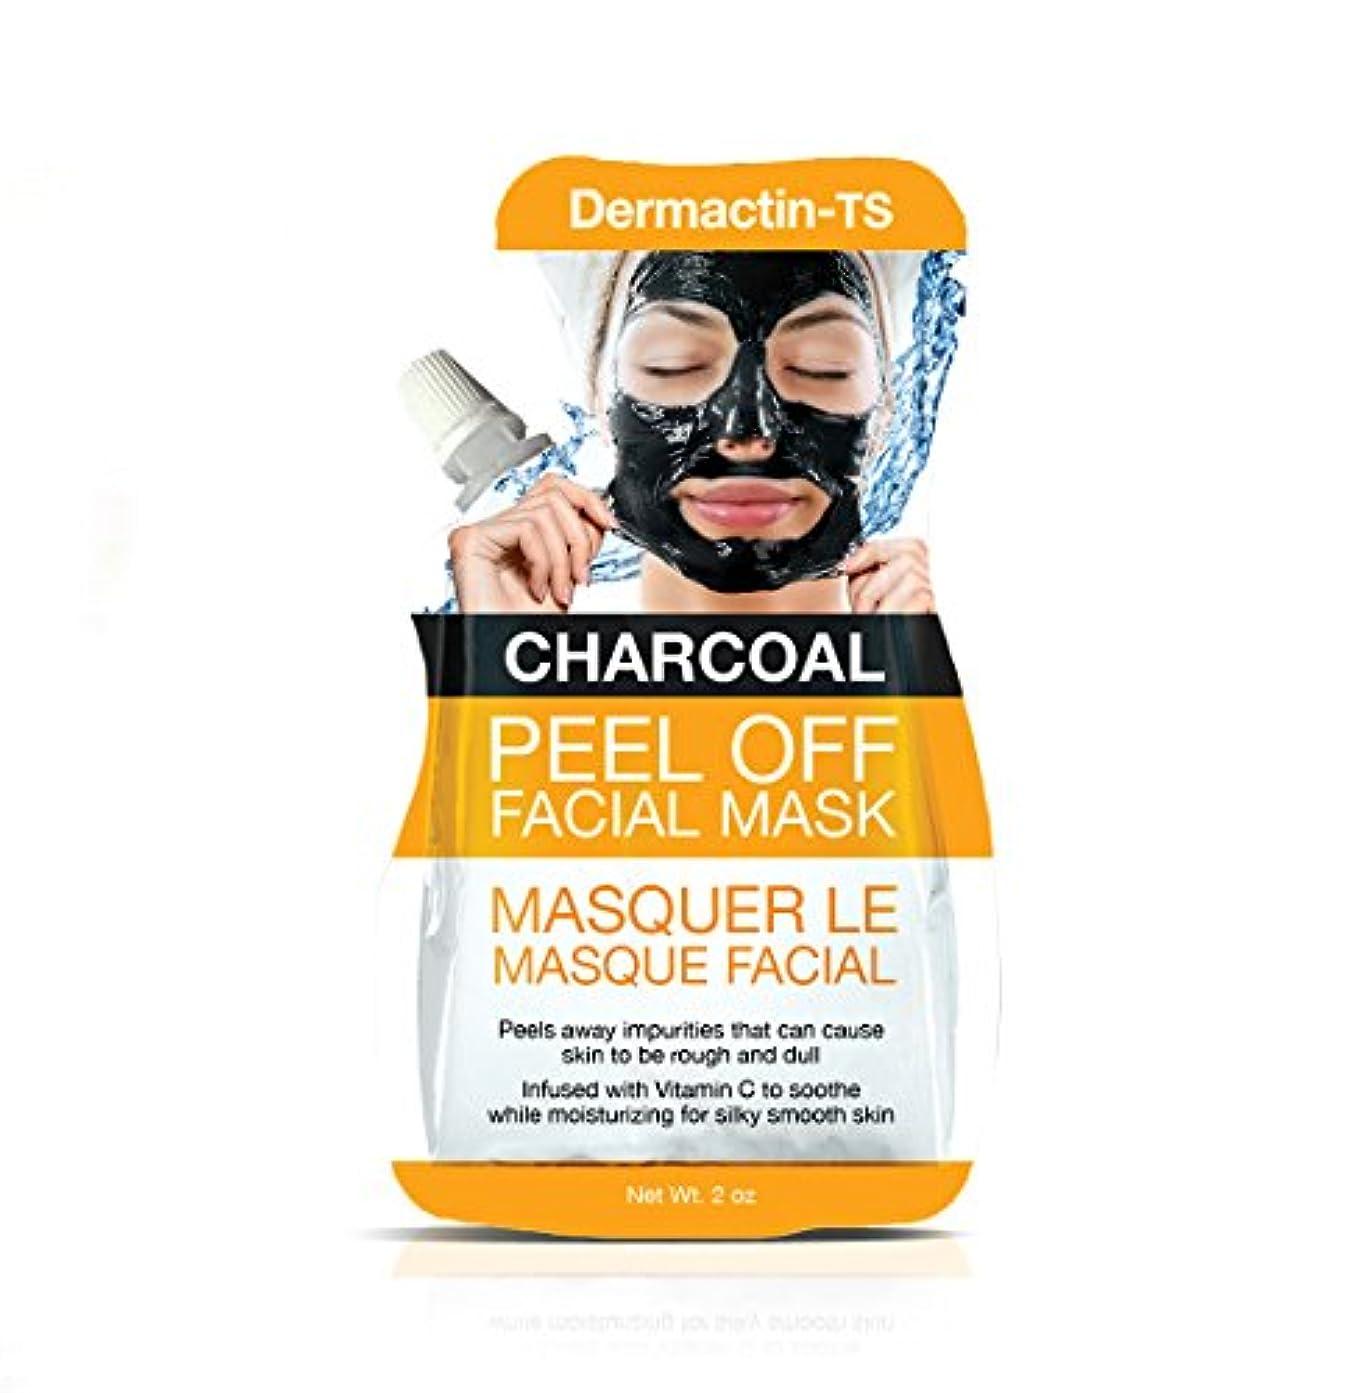 長方形特別な背景Dermactin-TS フェイシャルマスクを剥がすチャコール50 g (並行輸入品)